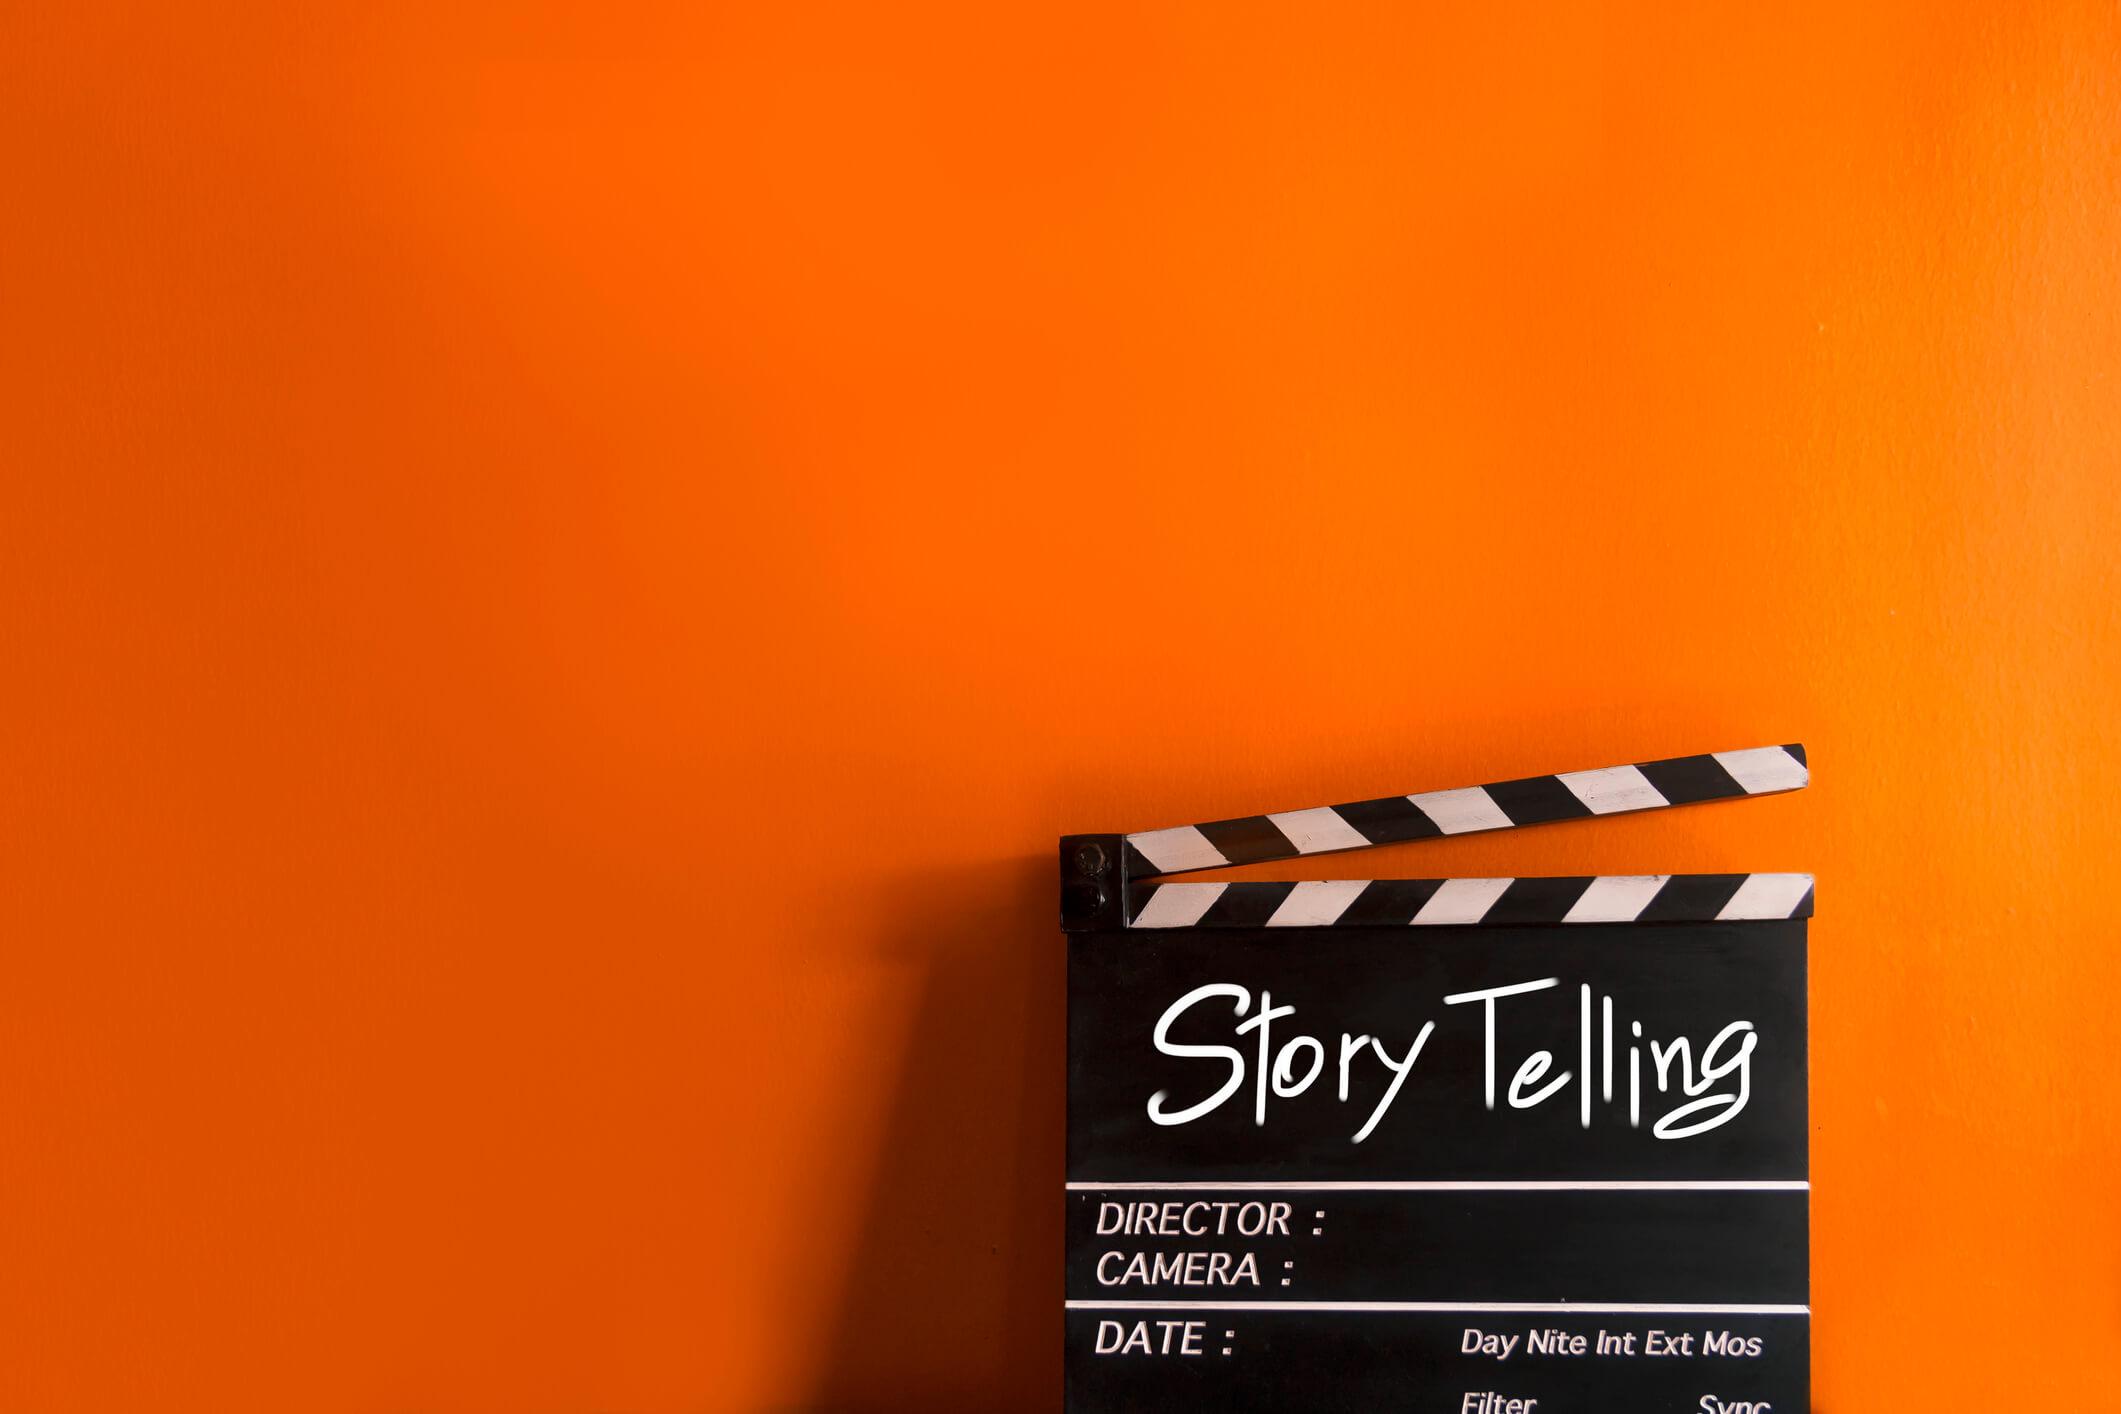 Quer saber como fazer storytelling? Considere 3 boas práticas!